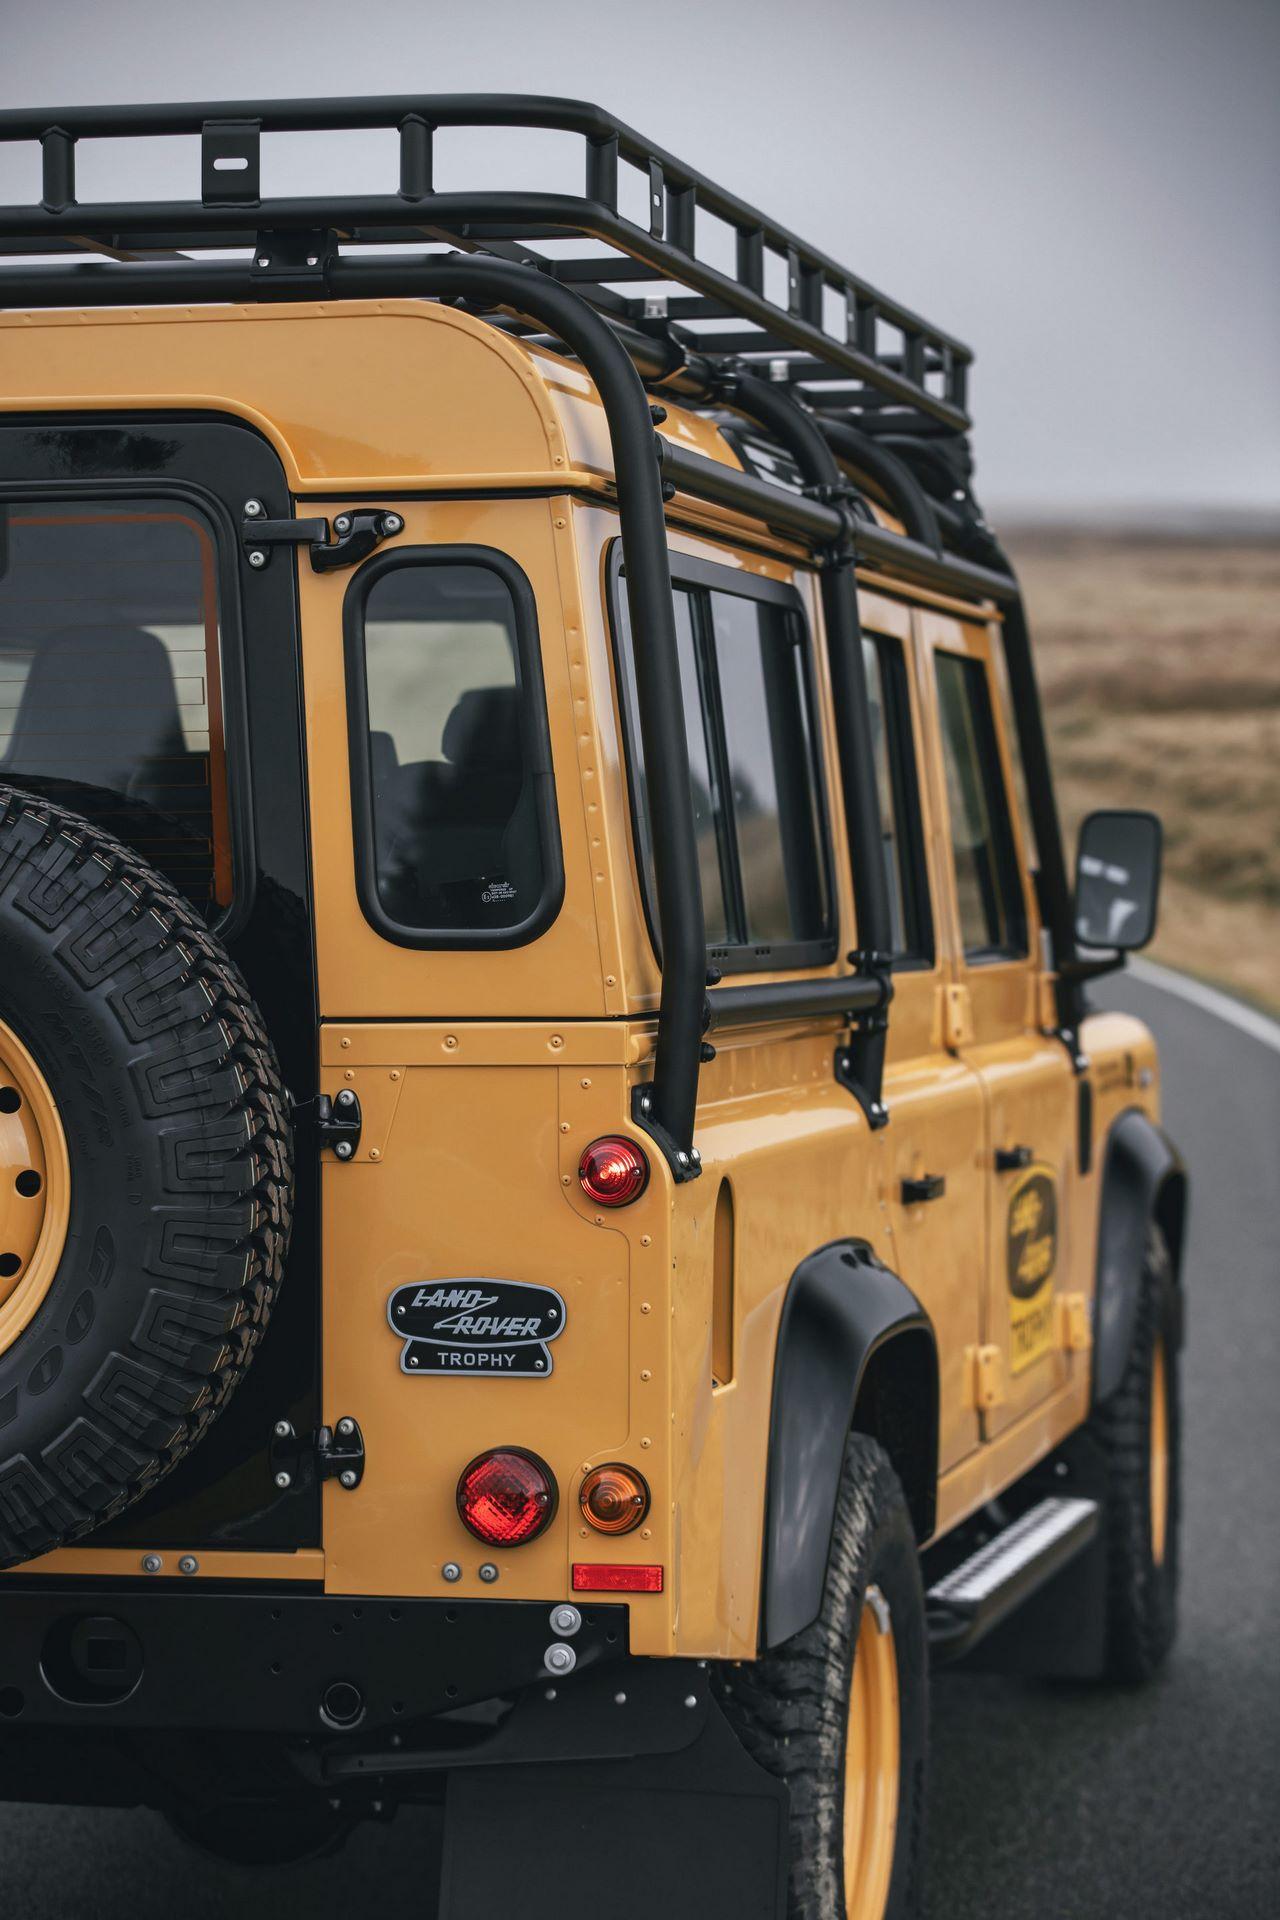 Land-Rover-Defender-Works-V8-Trophy-31